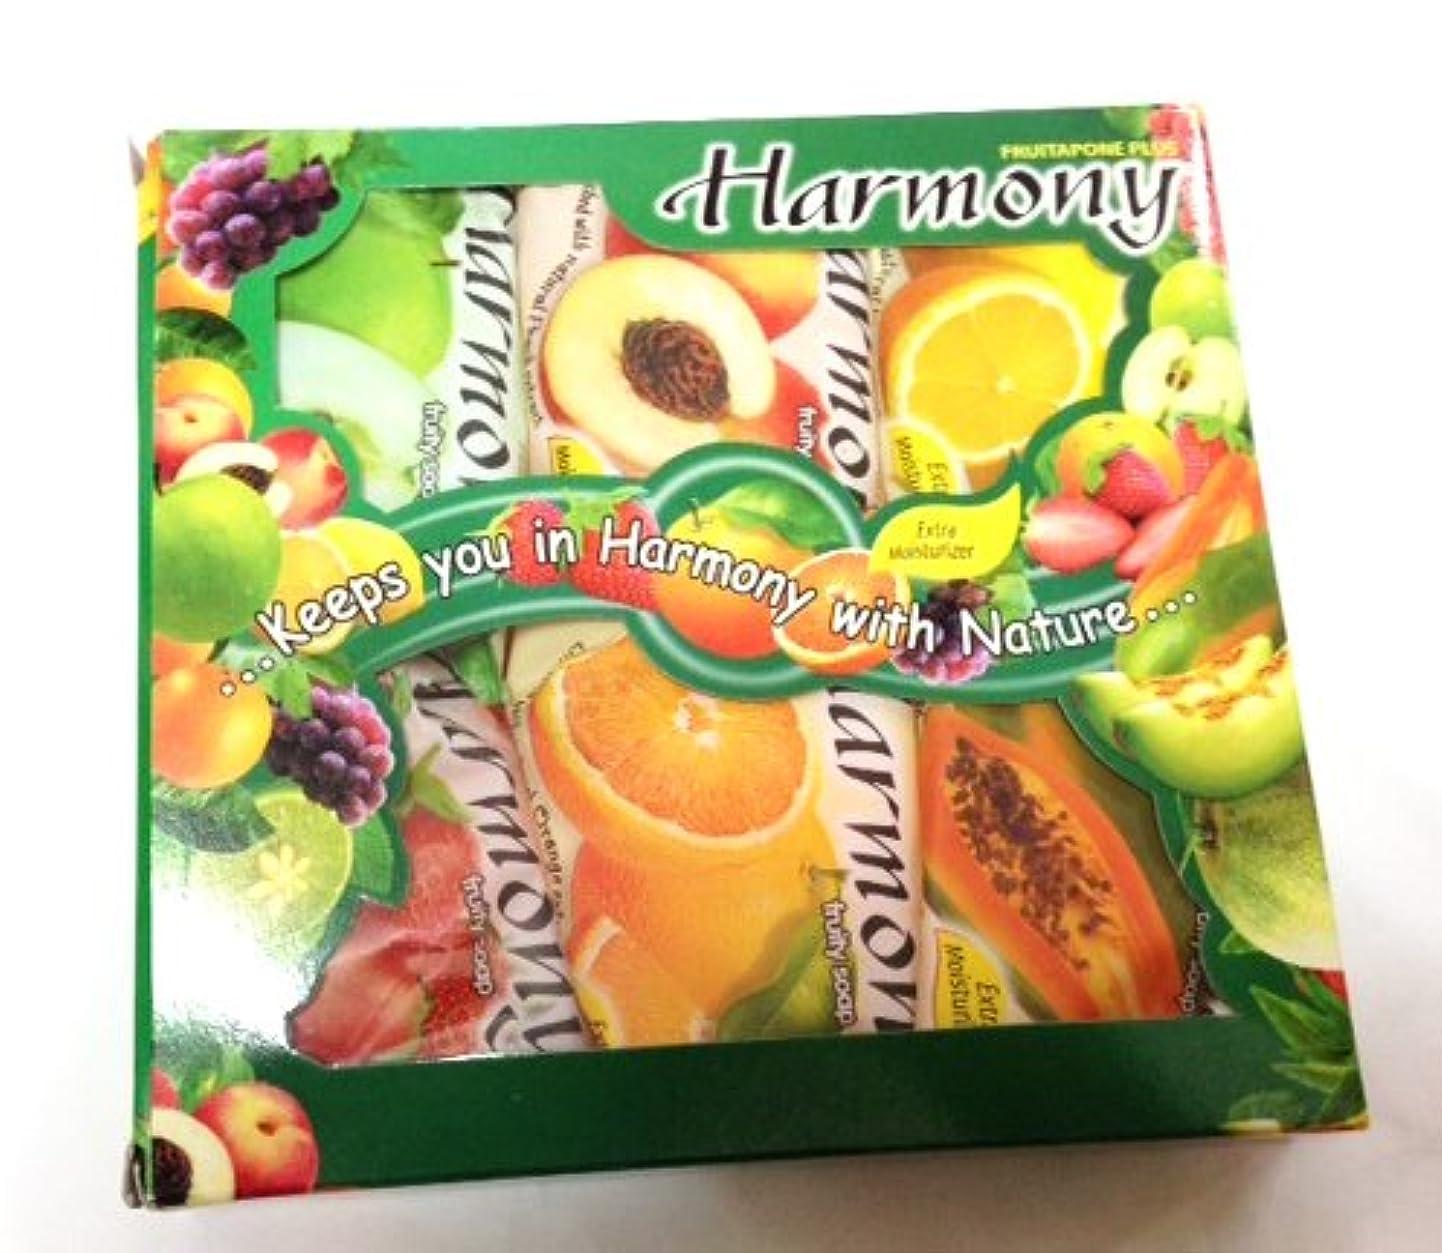 軍隊遺体安置所パドルハーモニー フルーティーソープ 6個セット パパイヤ ピーチ オレンジ レモン アップル イチゴ